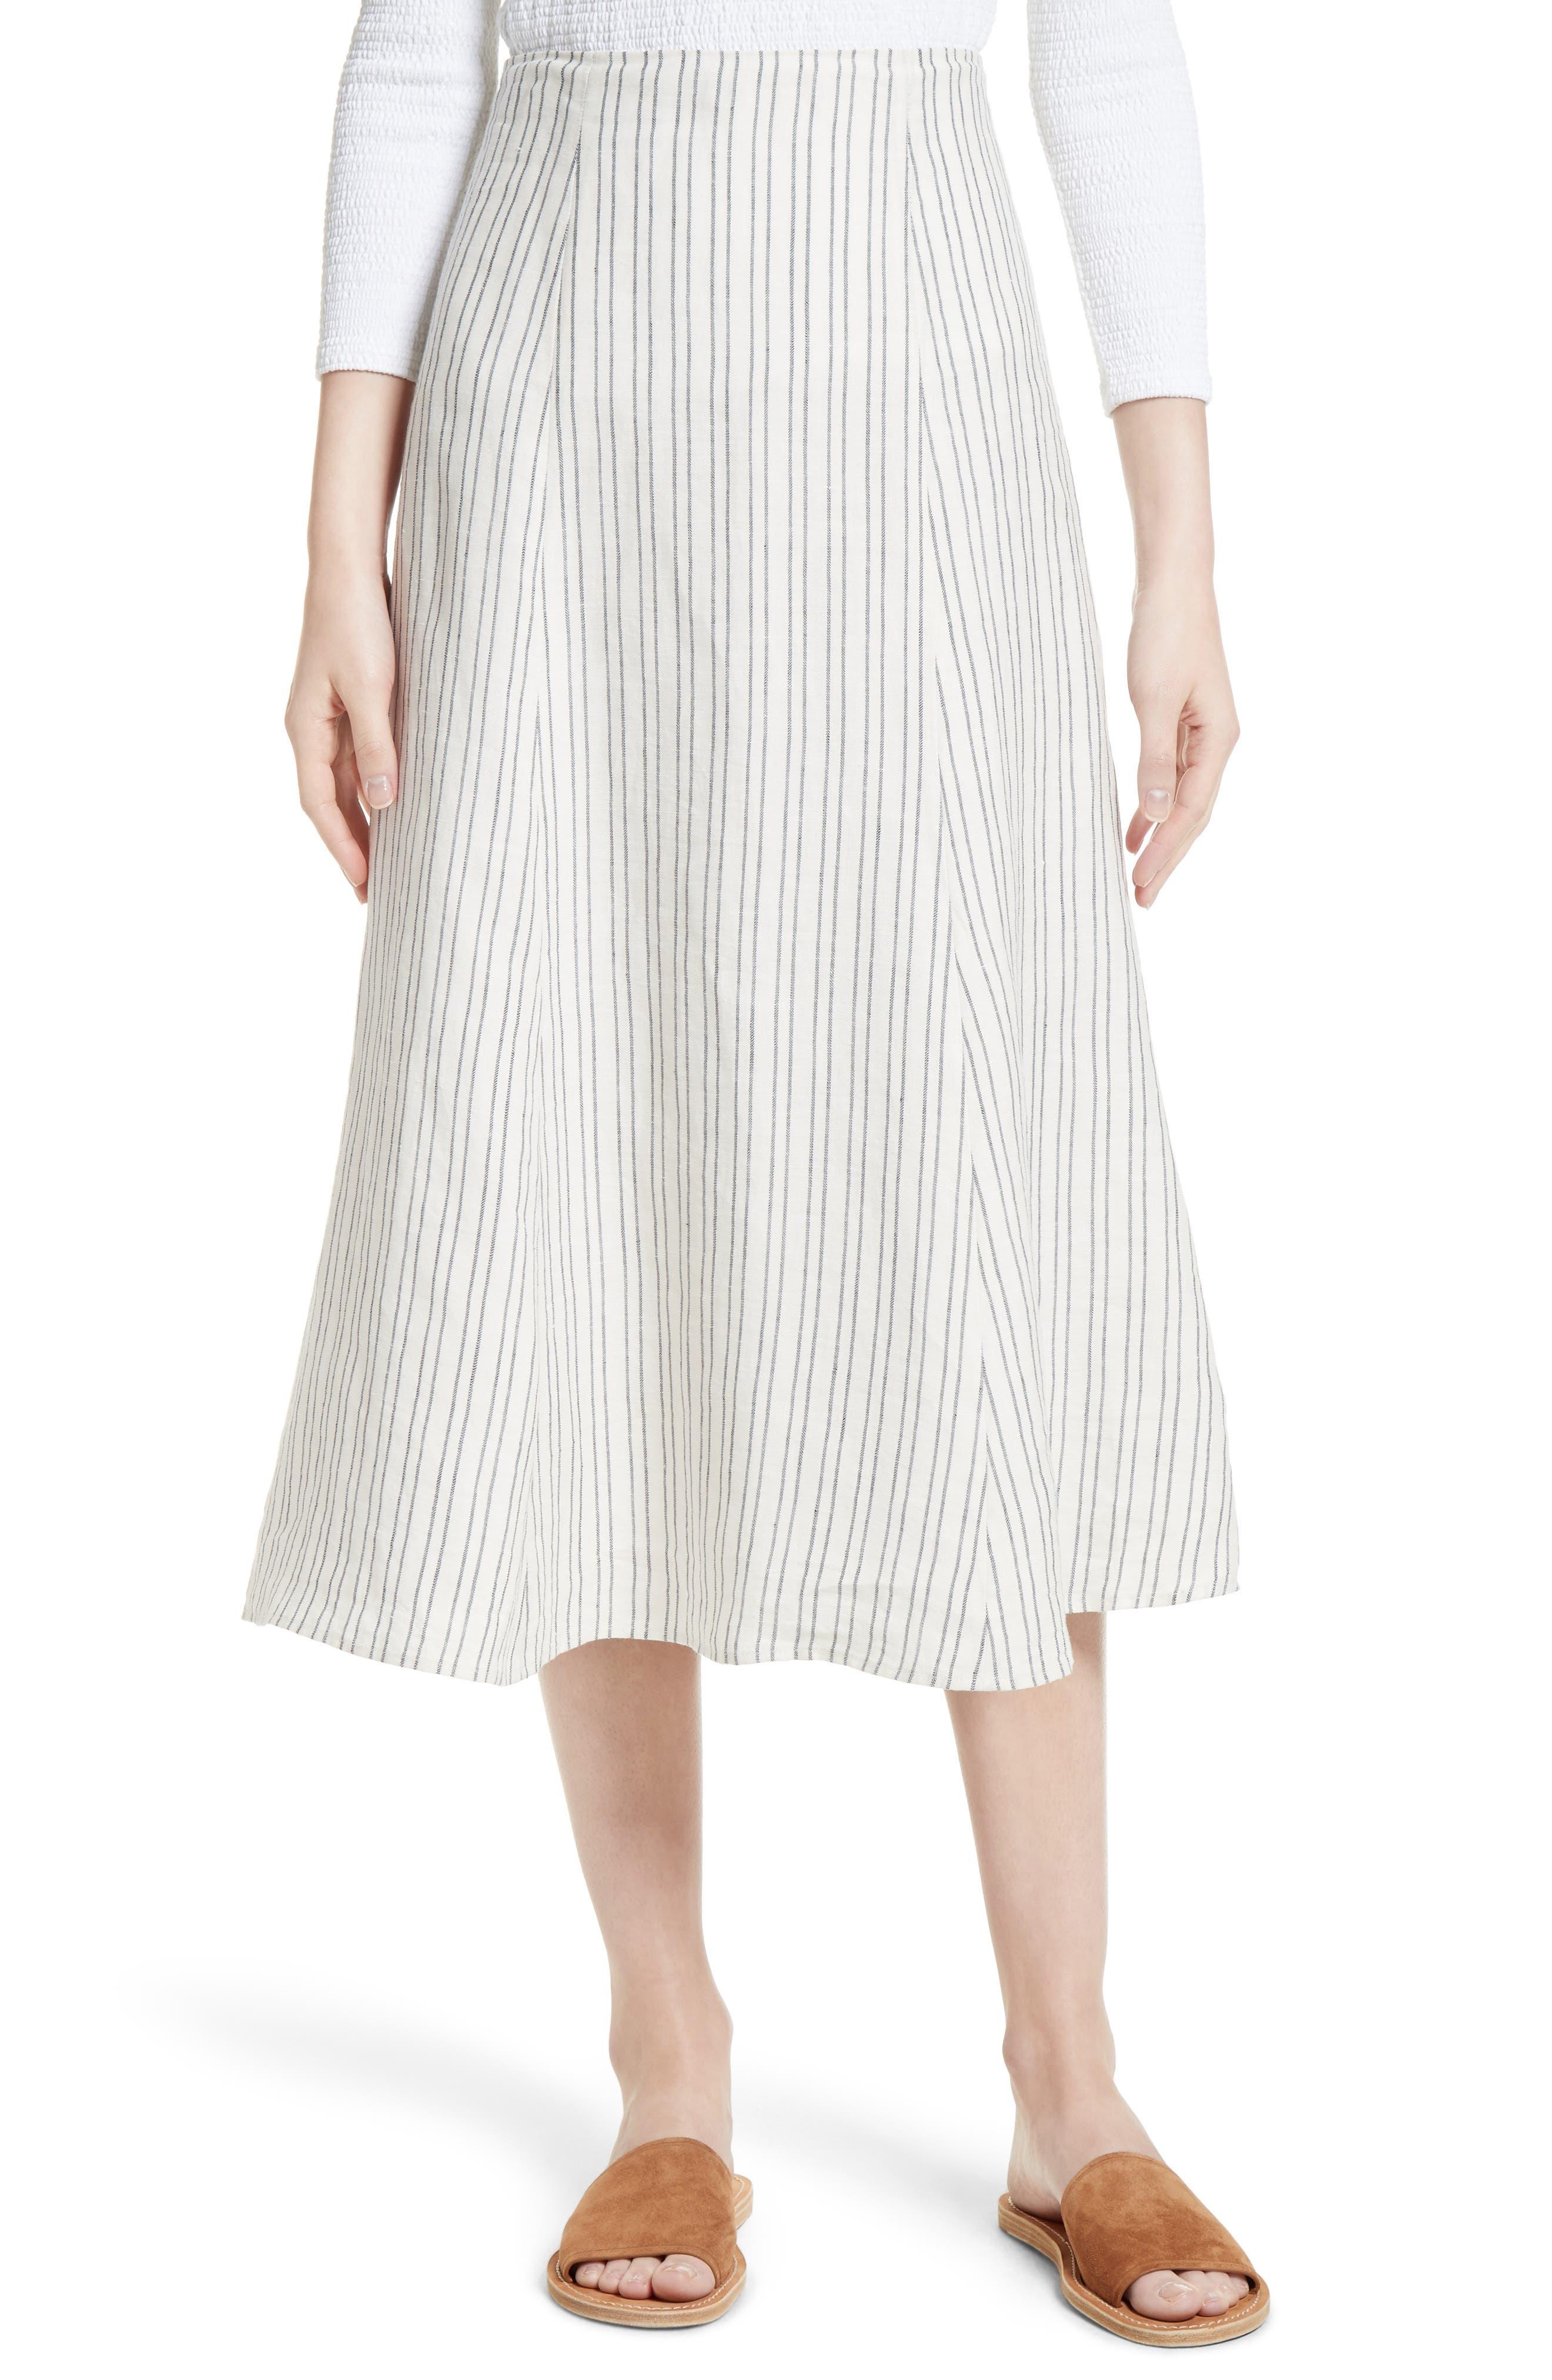 Theory Zimri Stripe Linen Skirt